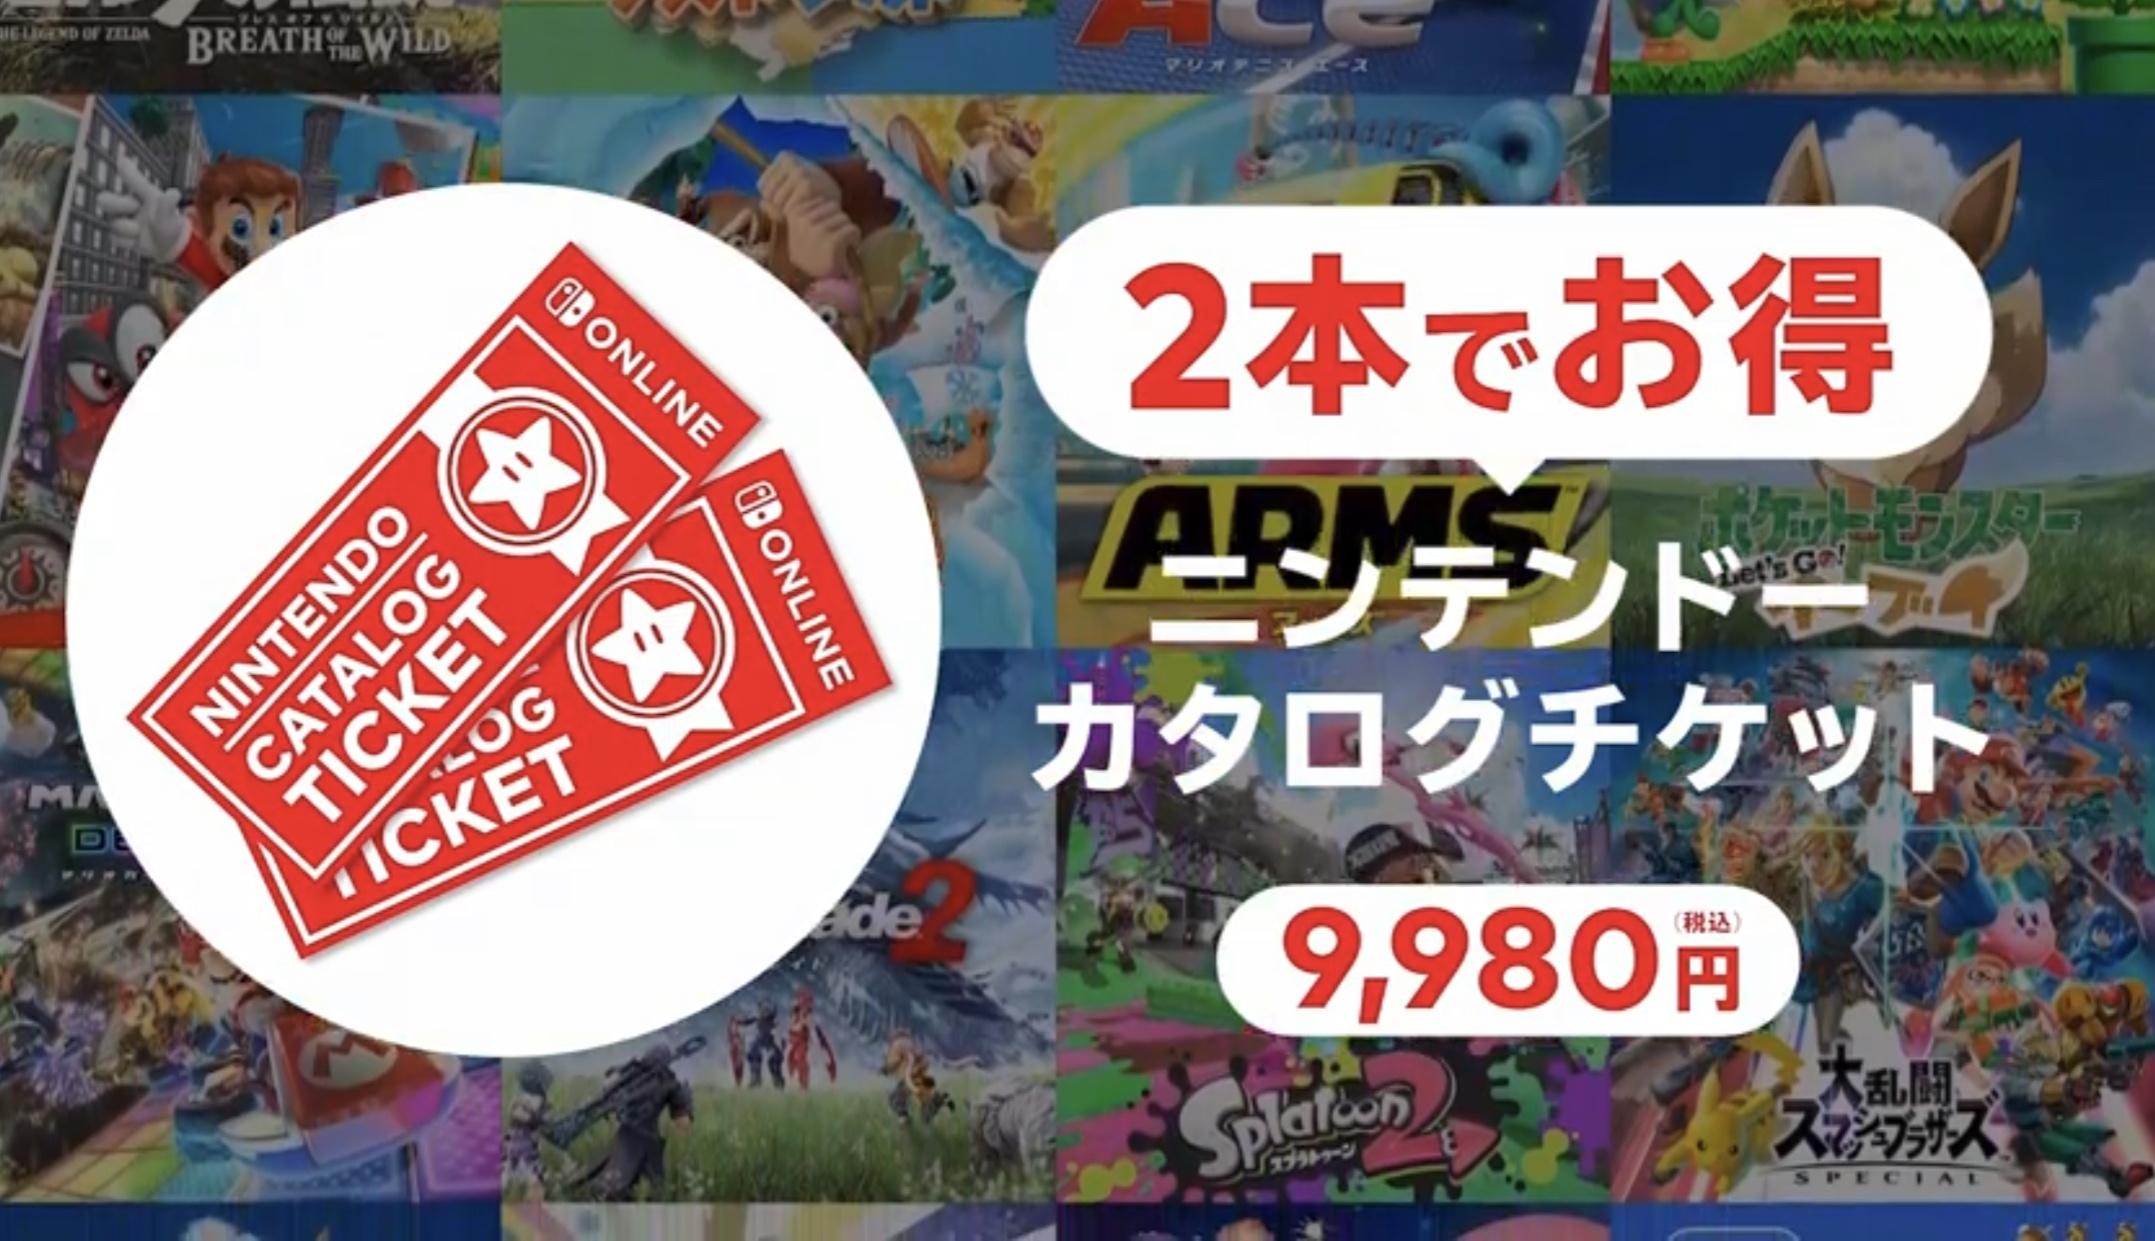 本 switch ソフト 2 軽く7,000円お得。ニンテンドーカタログチケットの使い方や注意点